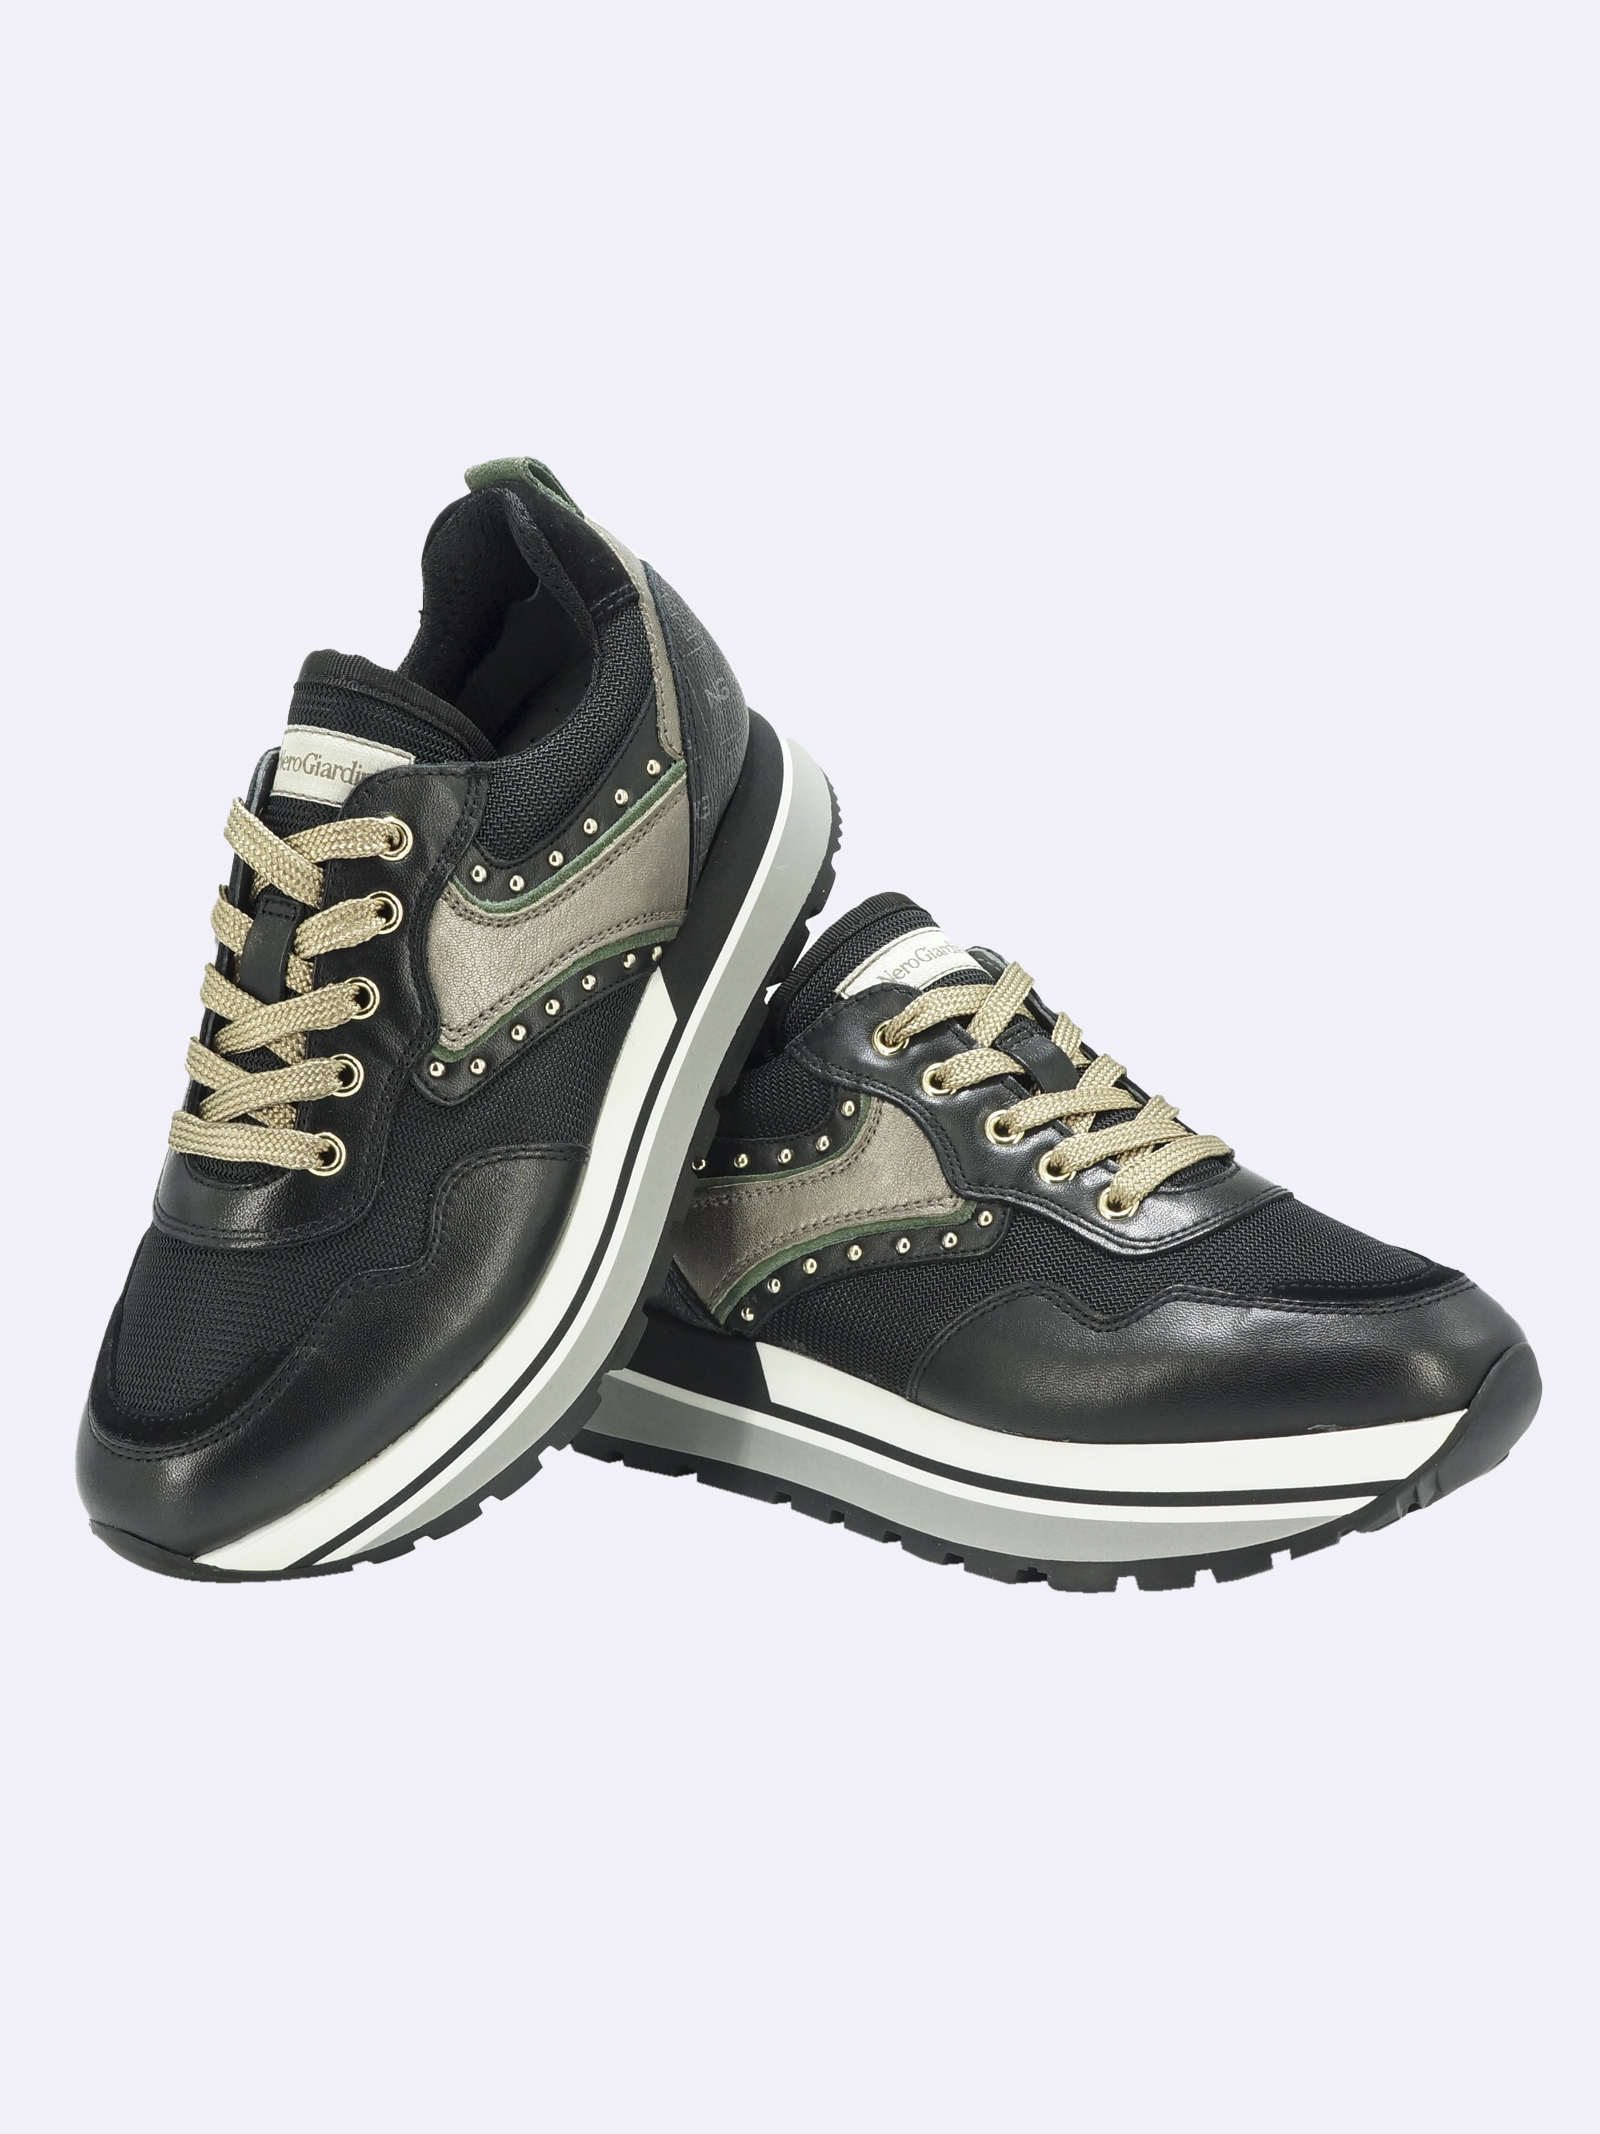 Sneakers Donna in Pelle e Tessuto Multicolor Nero Giardini | Sneakers | I116940DNERO100